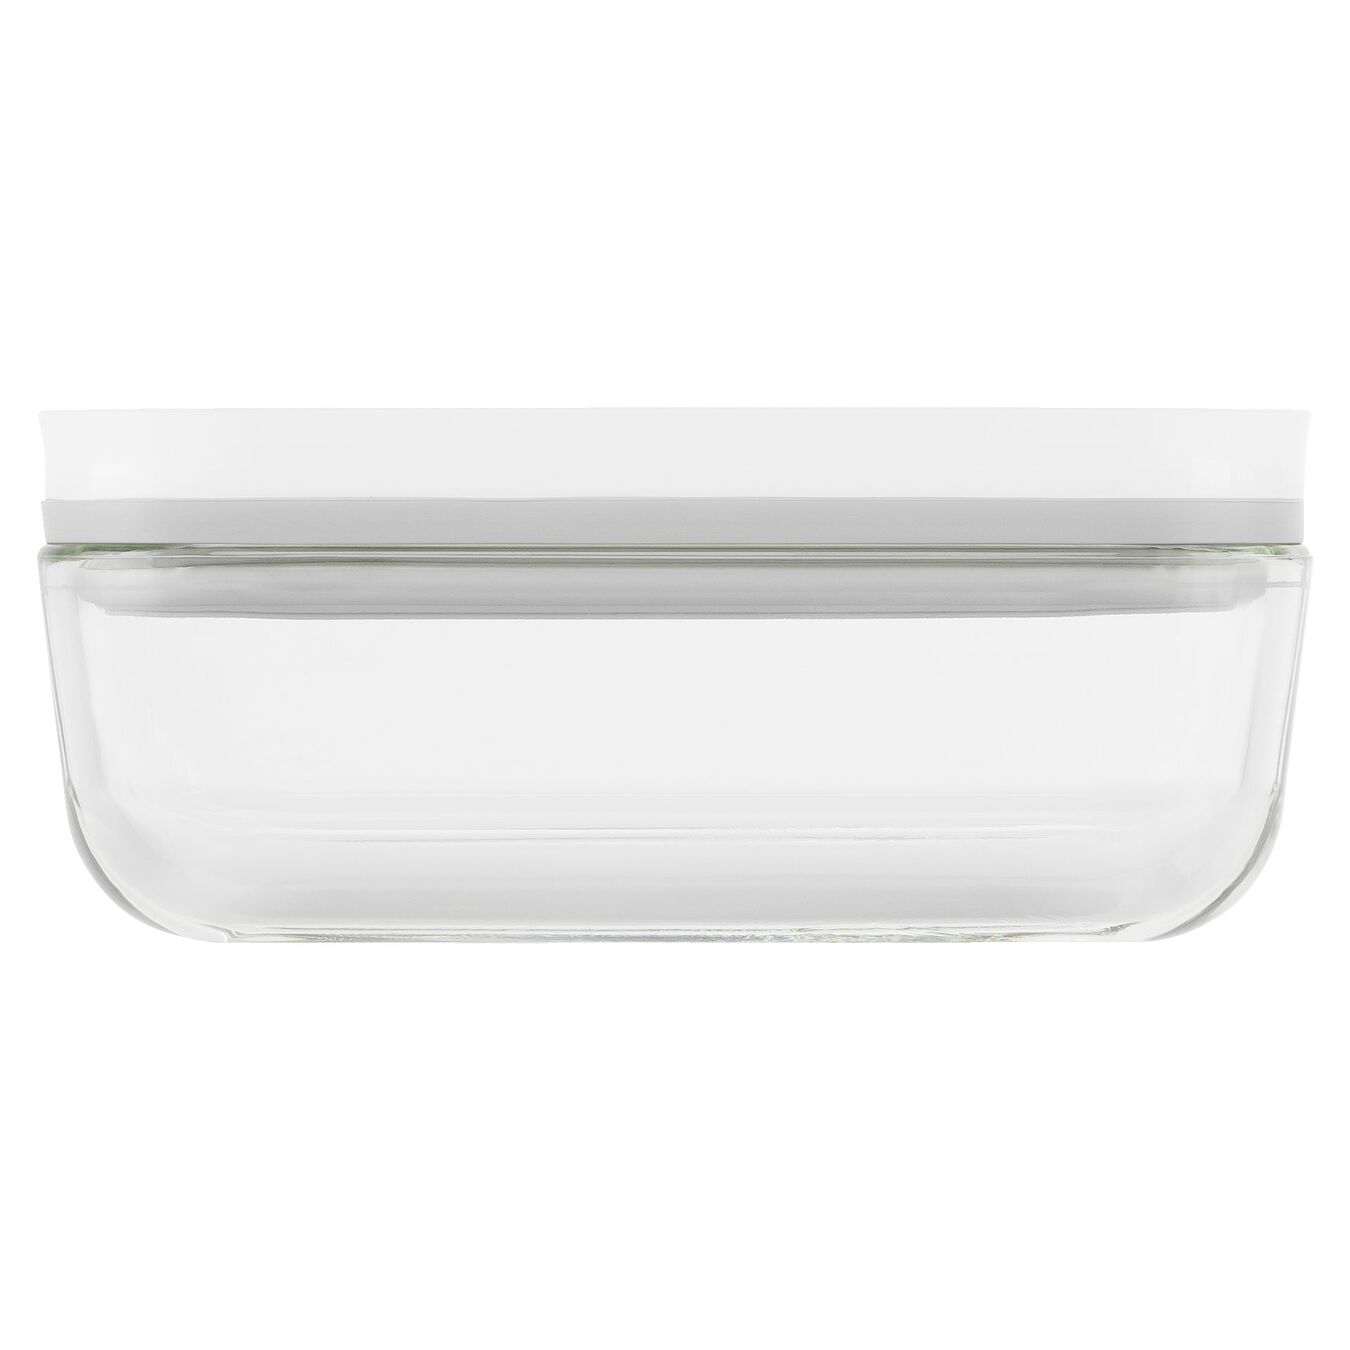 Contenitore sottovuoto - S, vetro borosilicato, bianco,,large 3